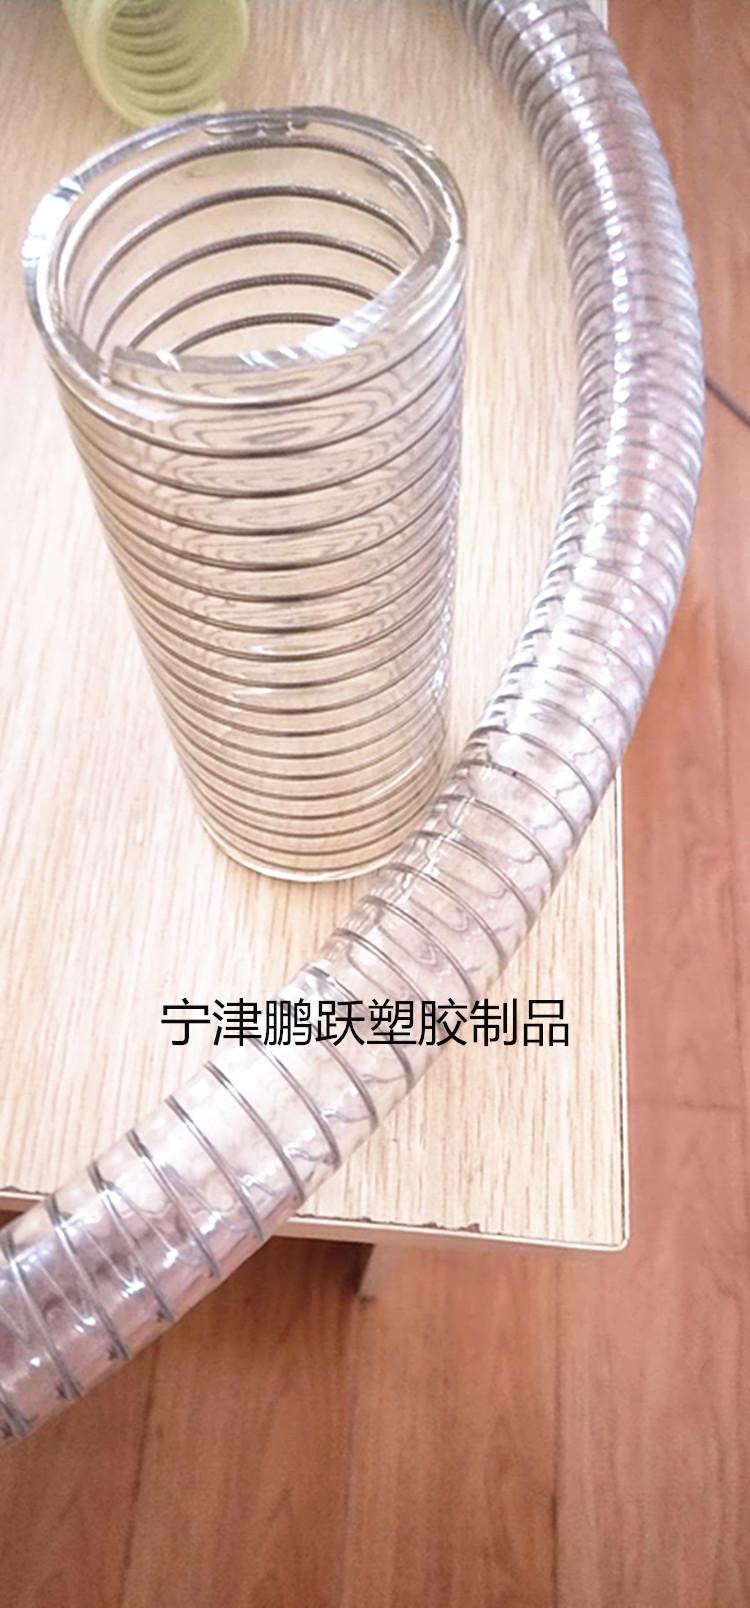 食品级钢丝平滑管价格蓬莱食品级钢丝平滑管鹏跃塑胶软管